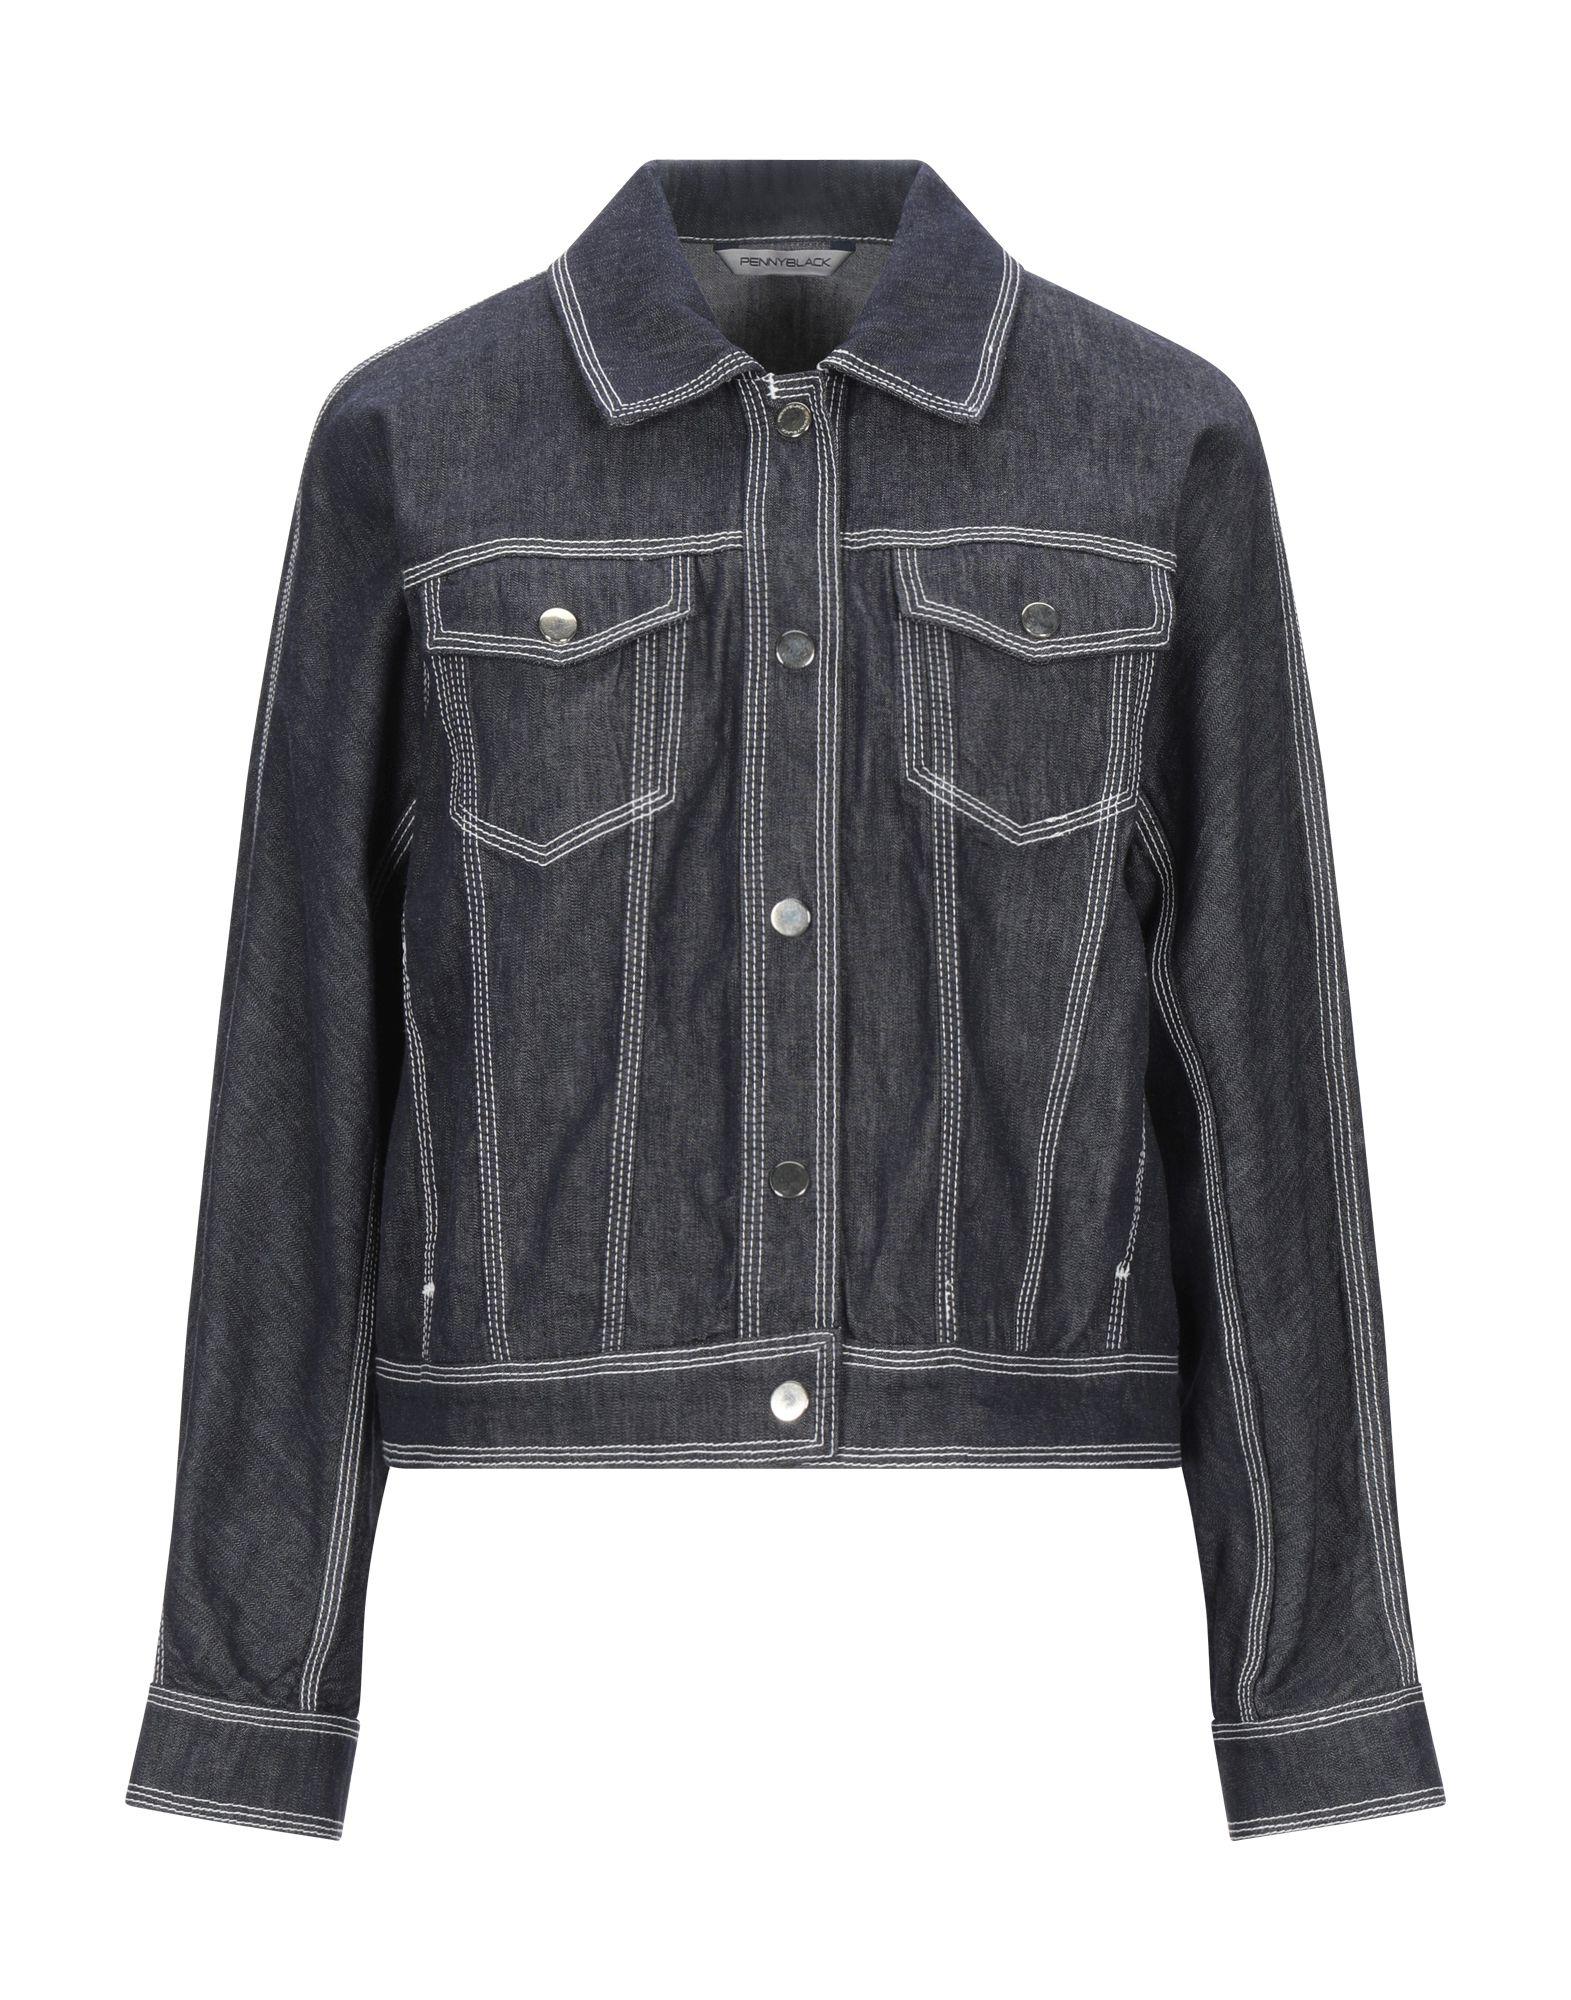 PENNYBLACK Джинсовая верхняя одежда yeezy джинсовая верхняя одежда